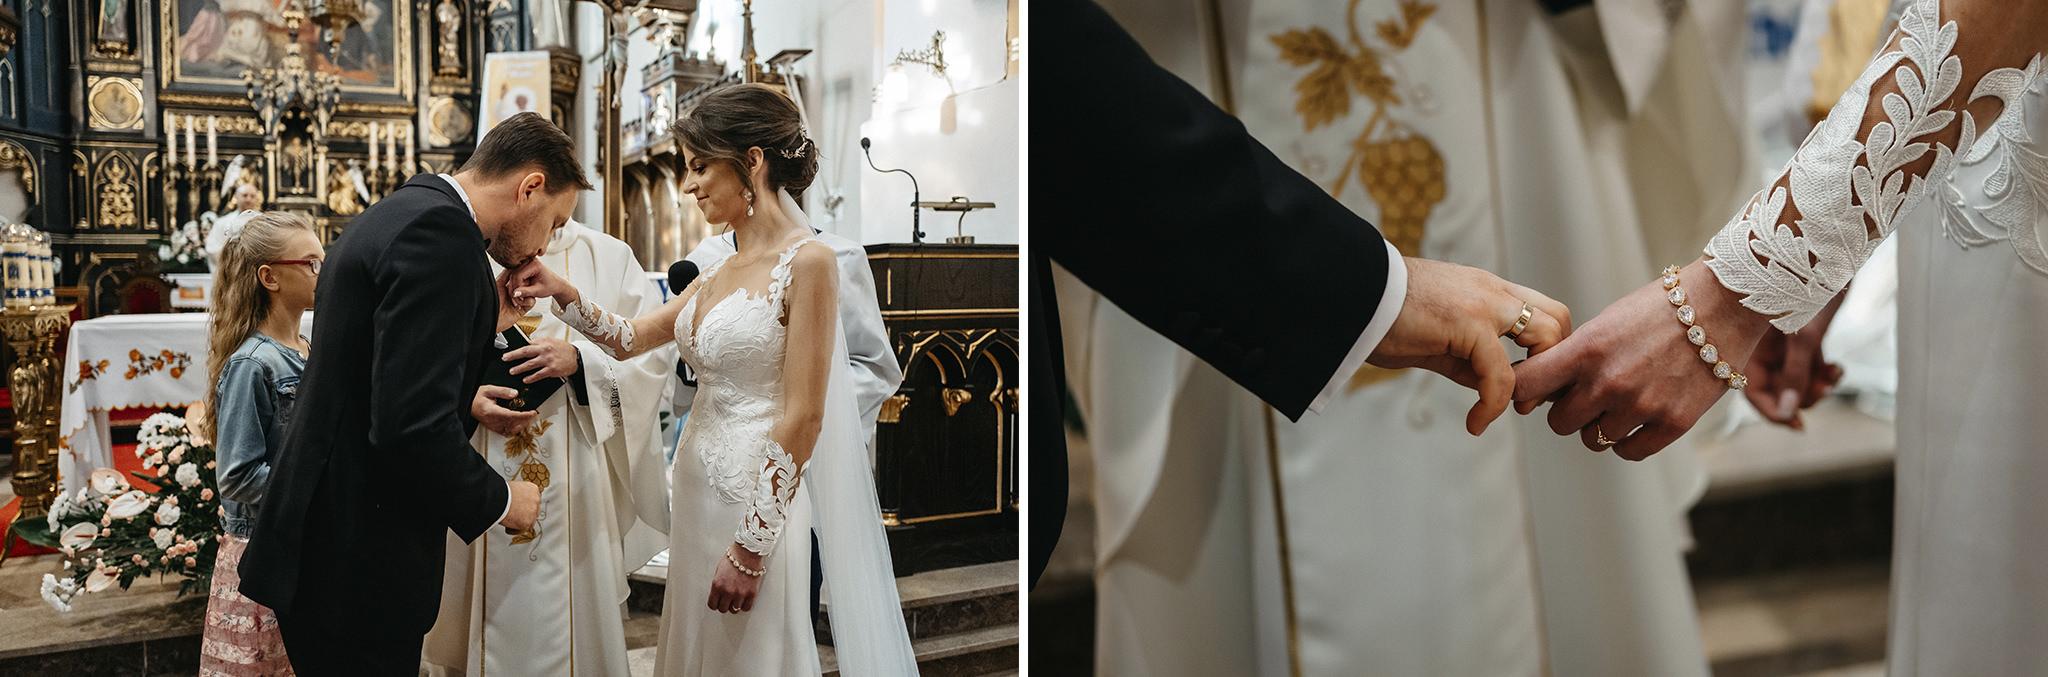 Jeden czy dwóch fotografów na ślub? | Wesele w Dworku Krościenko Wyżne 19